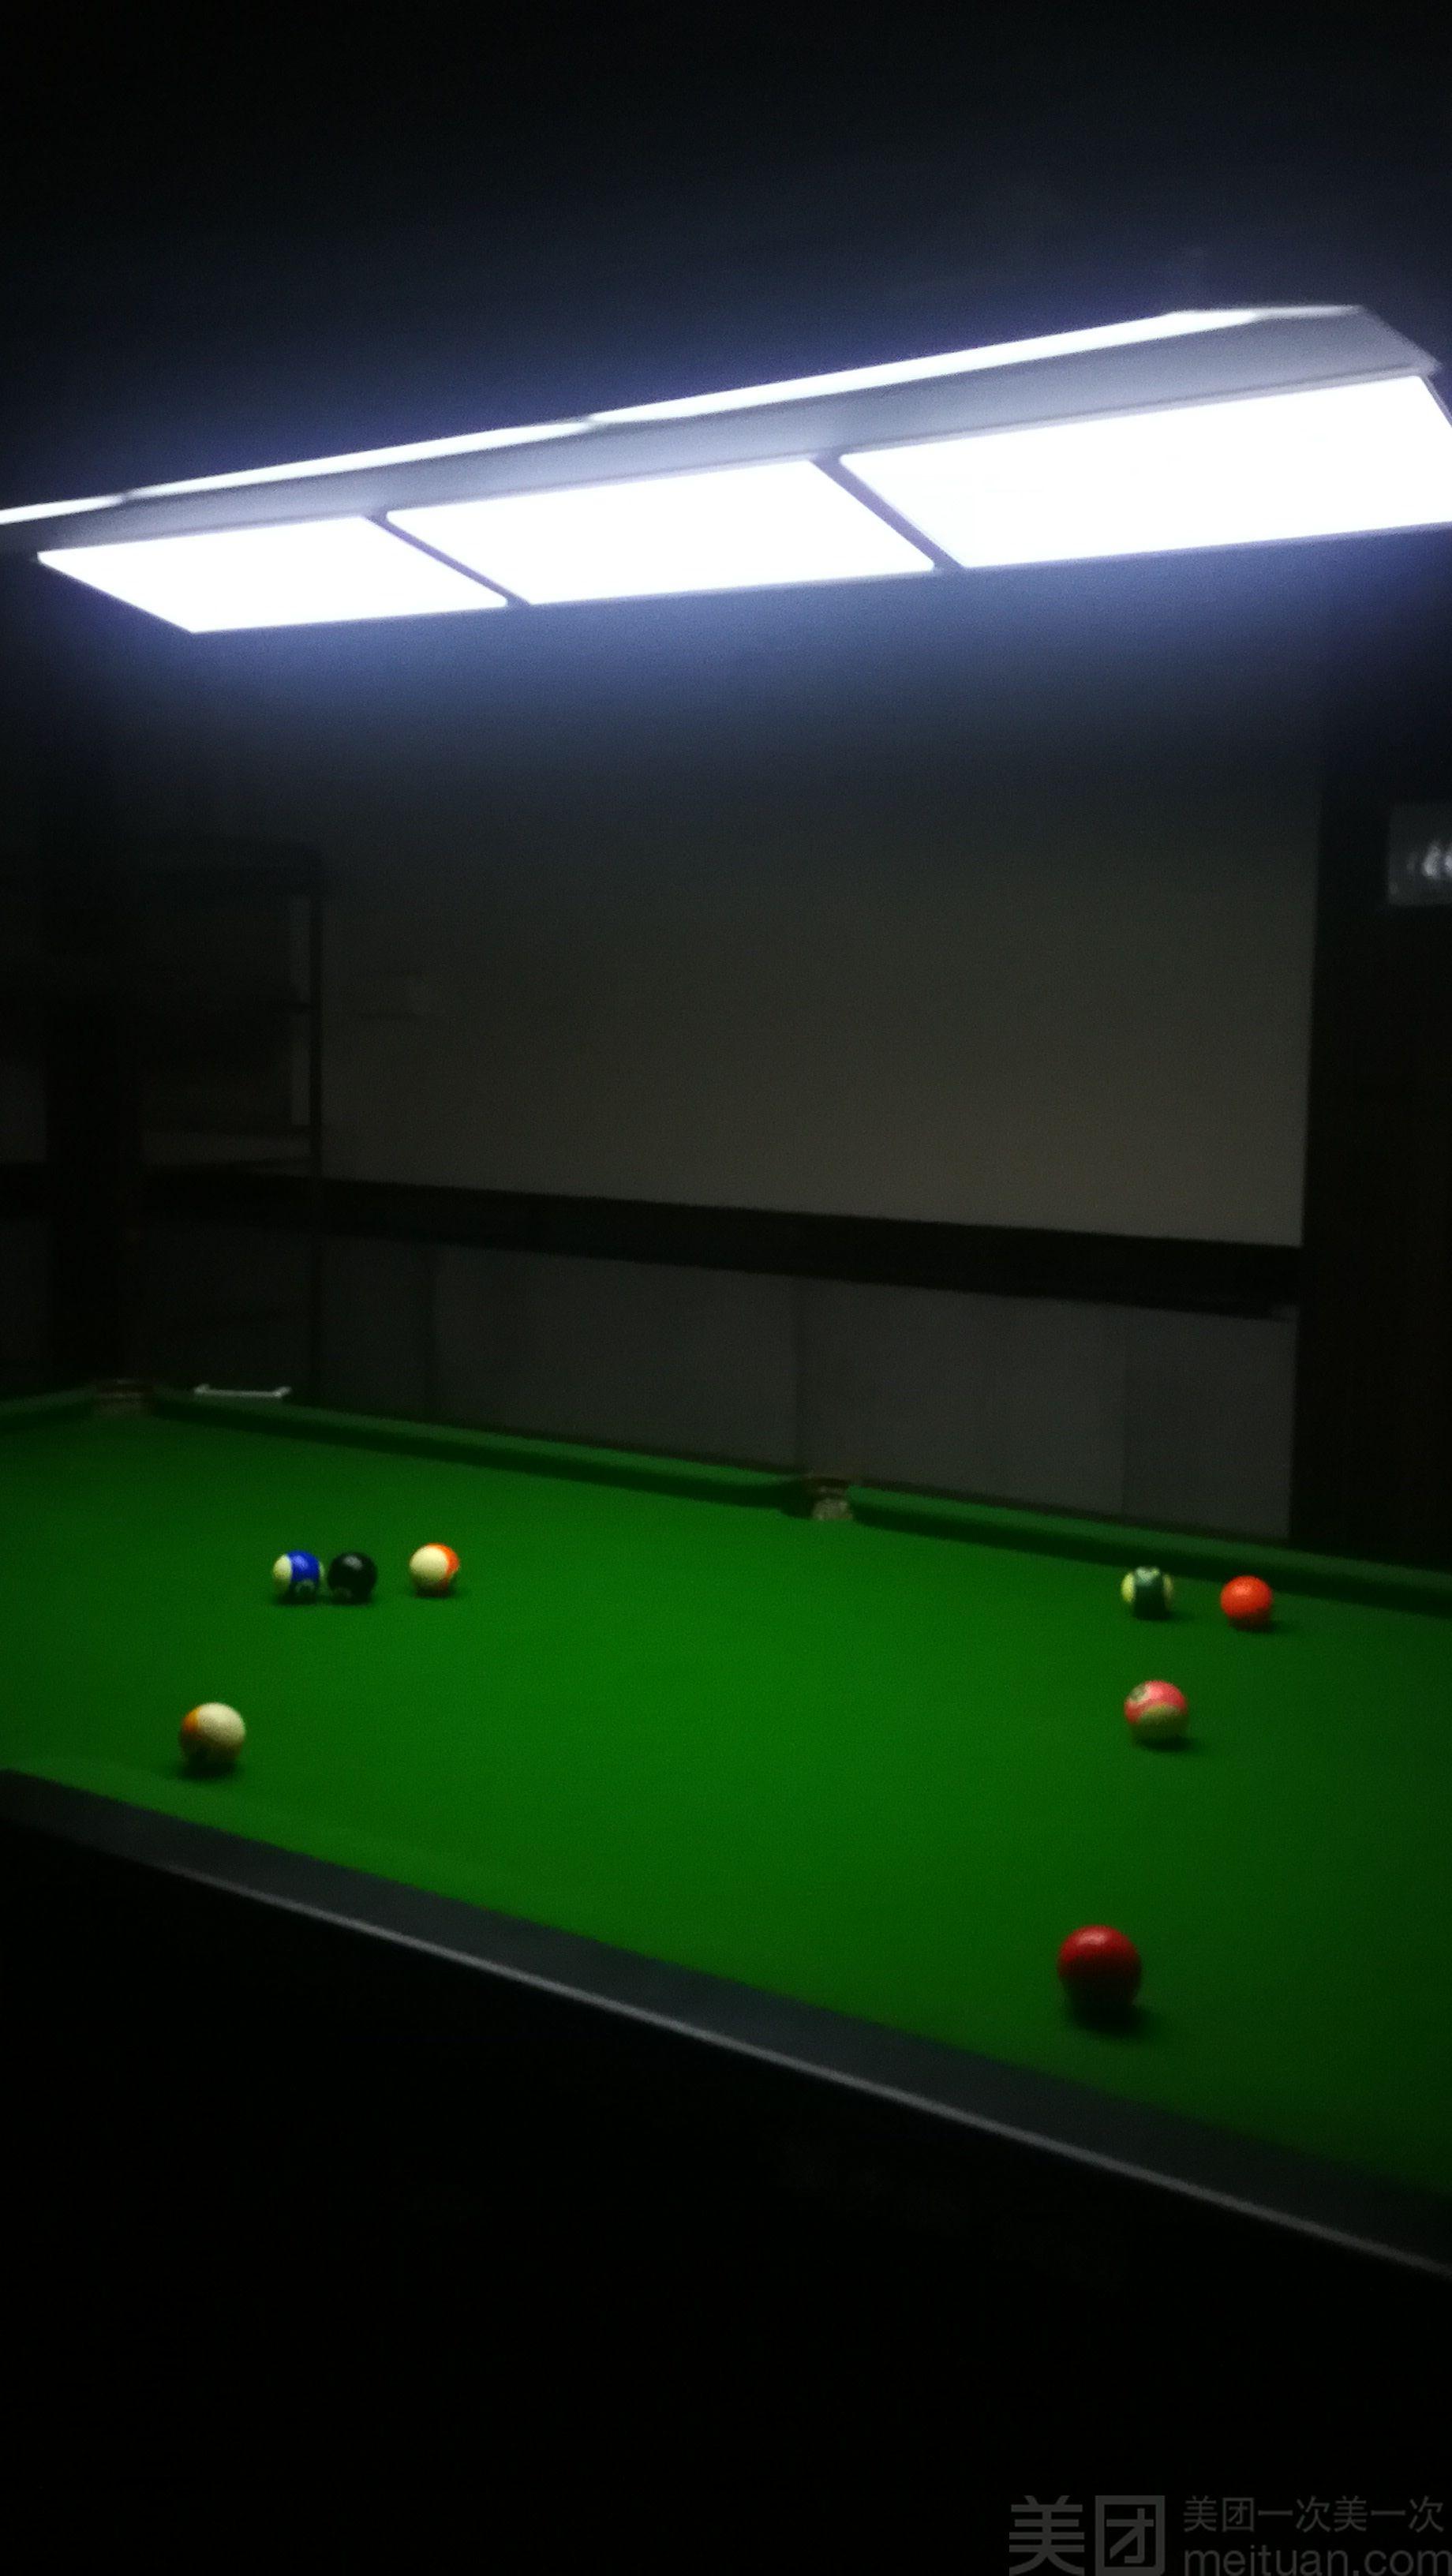 海王星桌球俱乐部